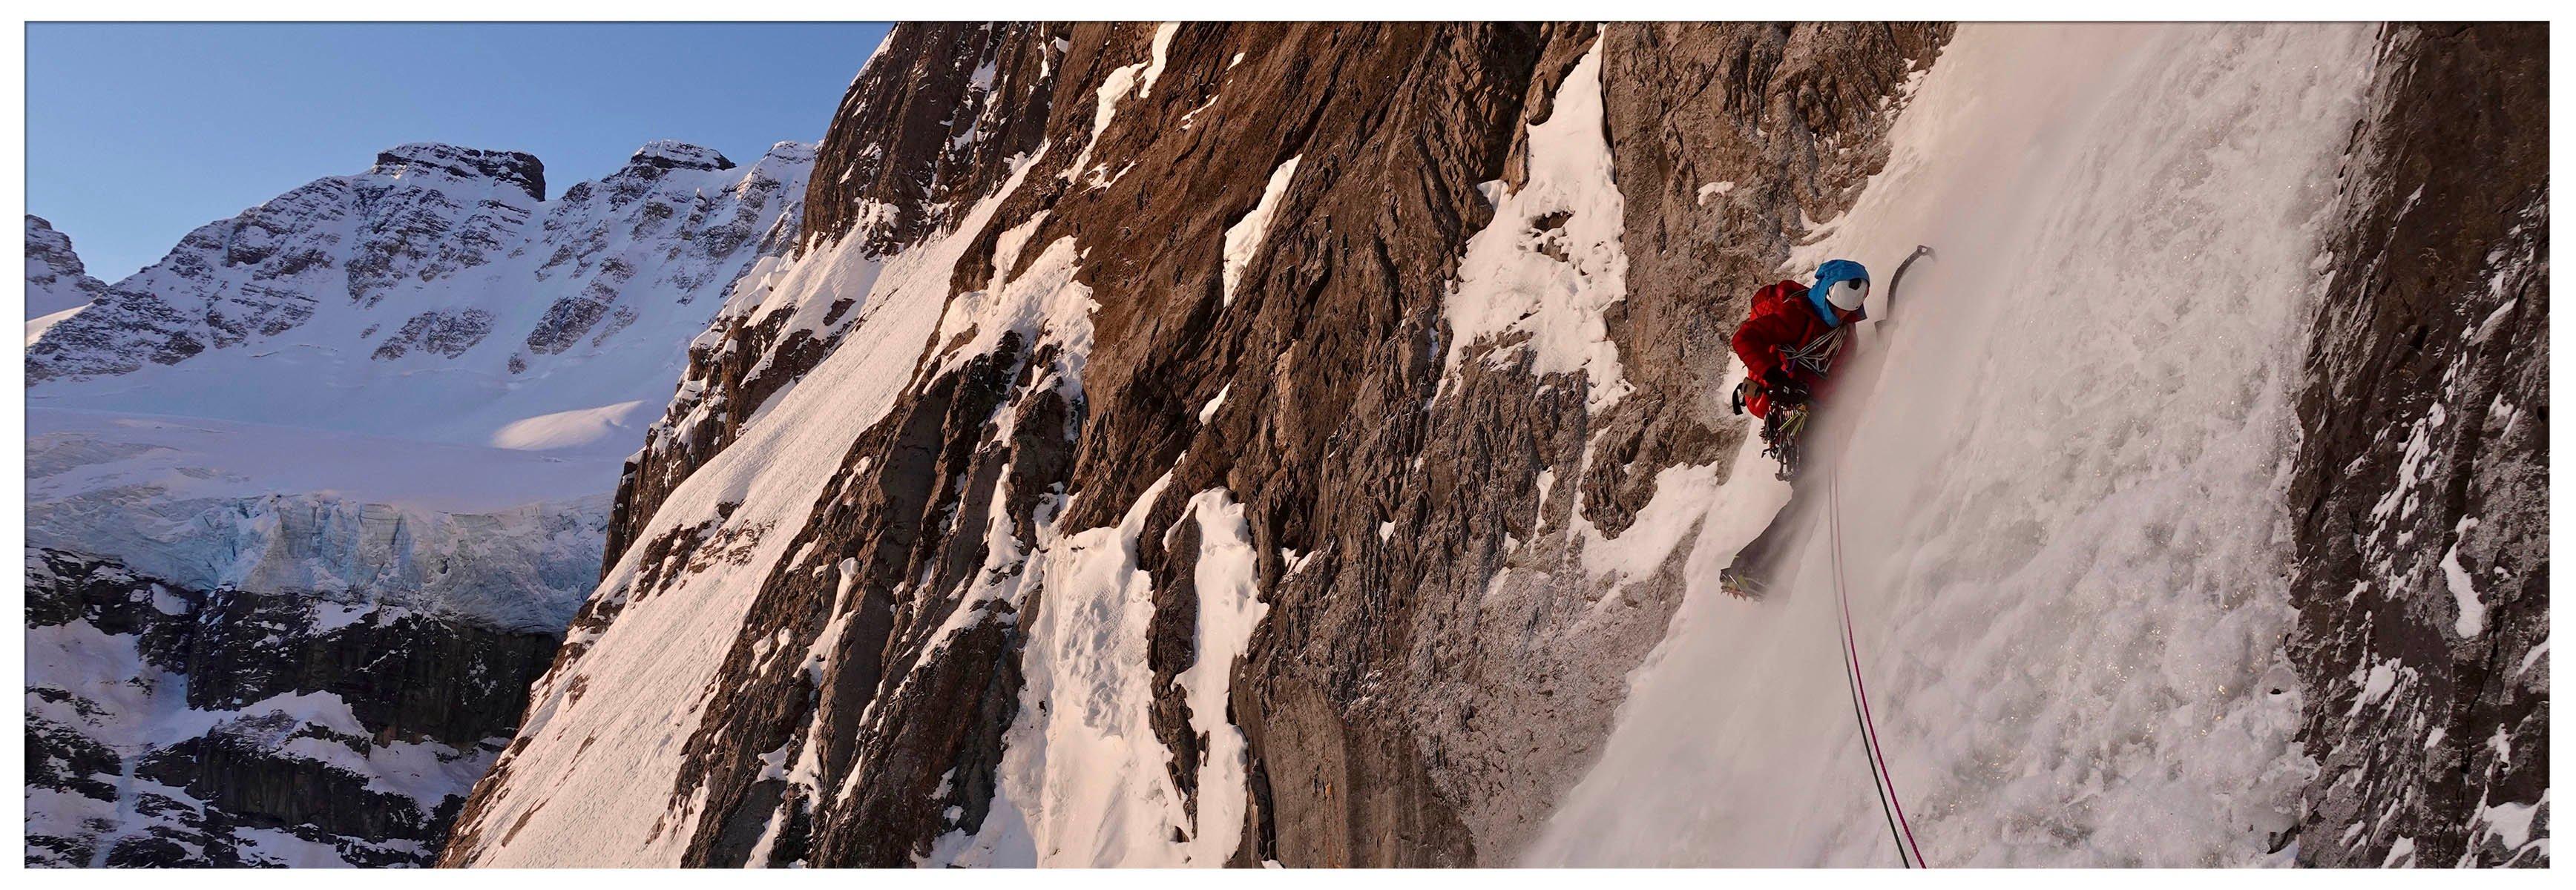 ice-climbers_6